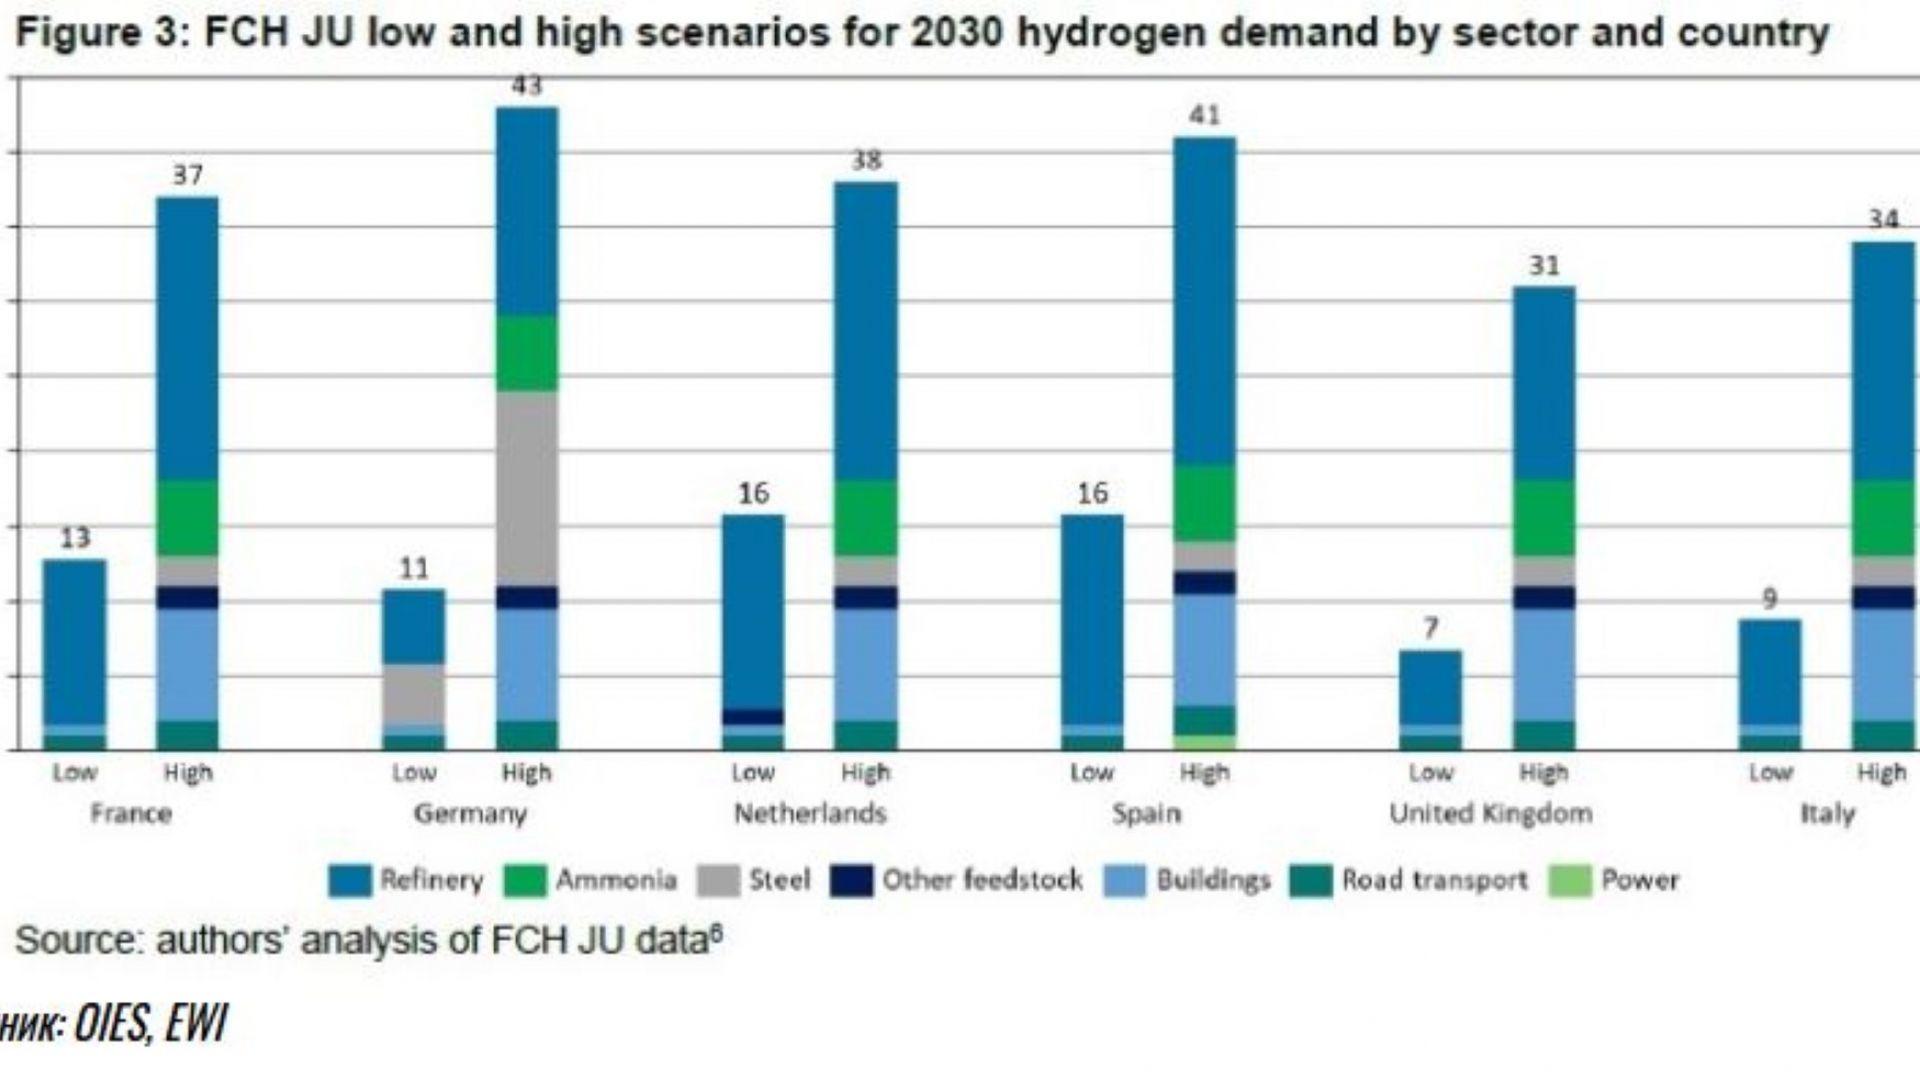 Прогнози за търсенето на чист (син и зелен) водород през 2030 г. във Франция, Германия, Нидерландия, Испания, Великобритания и Италия